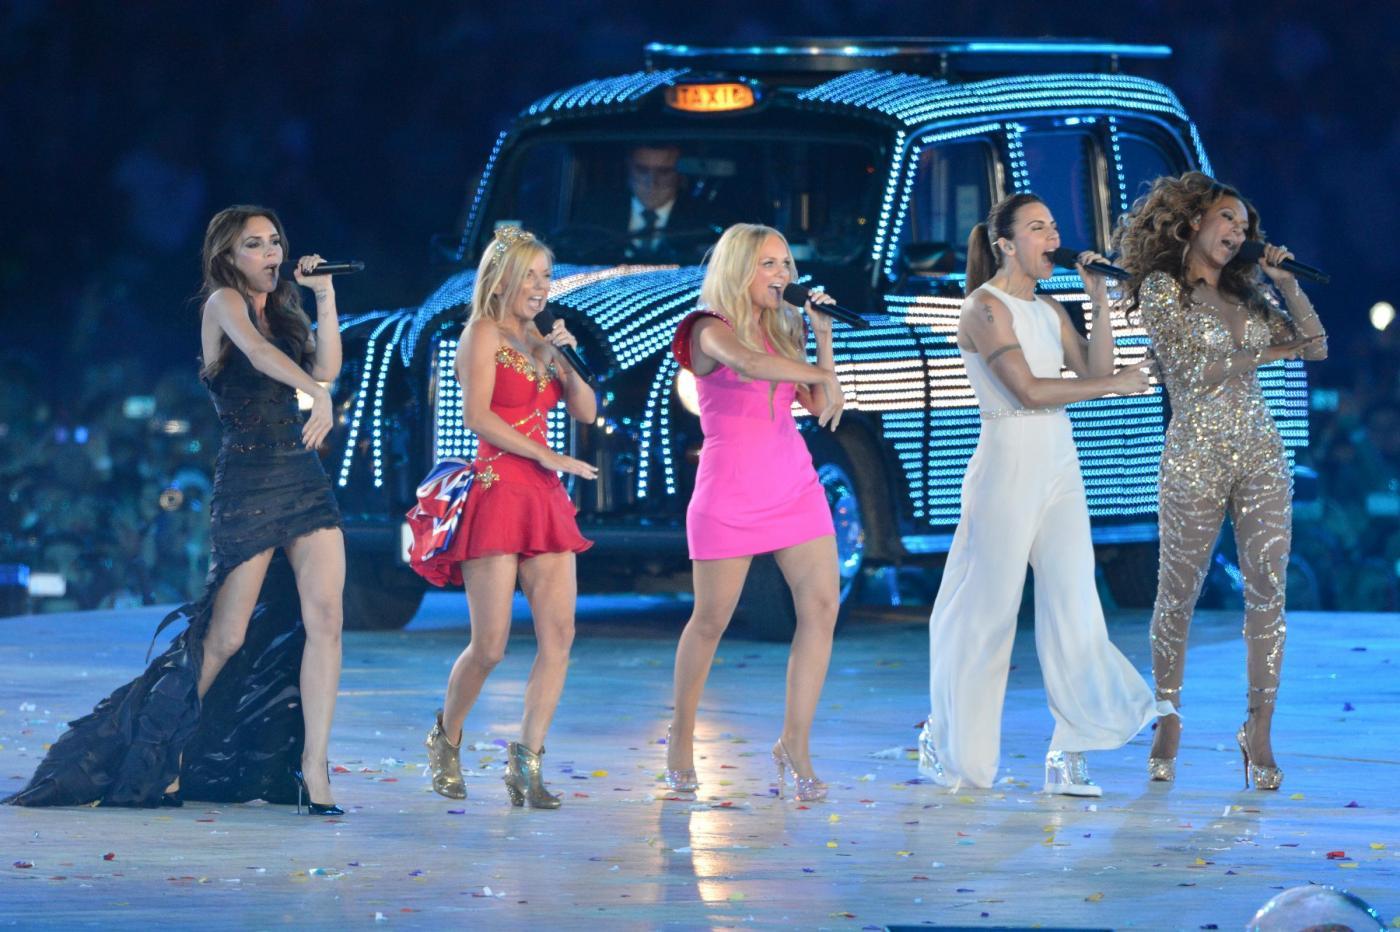 Ascolti tv domenica 12 agosto 2012: ancora le Olimpiadi le più viste, bene Rai 1